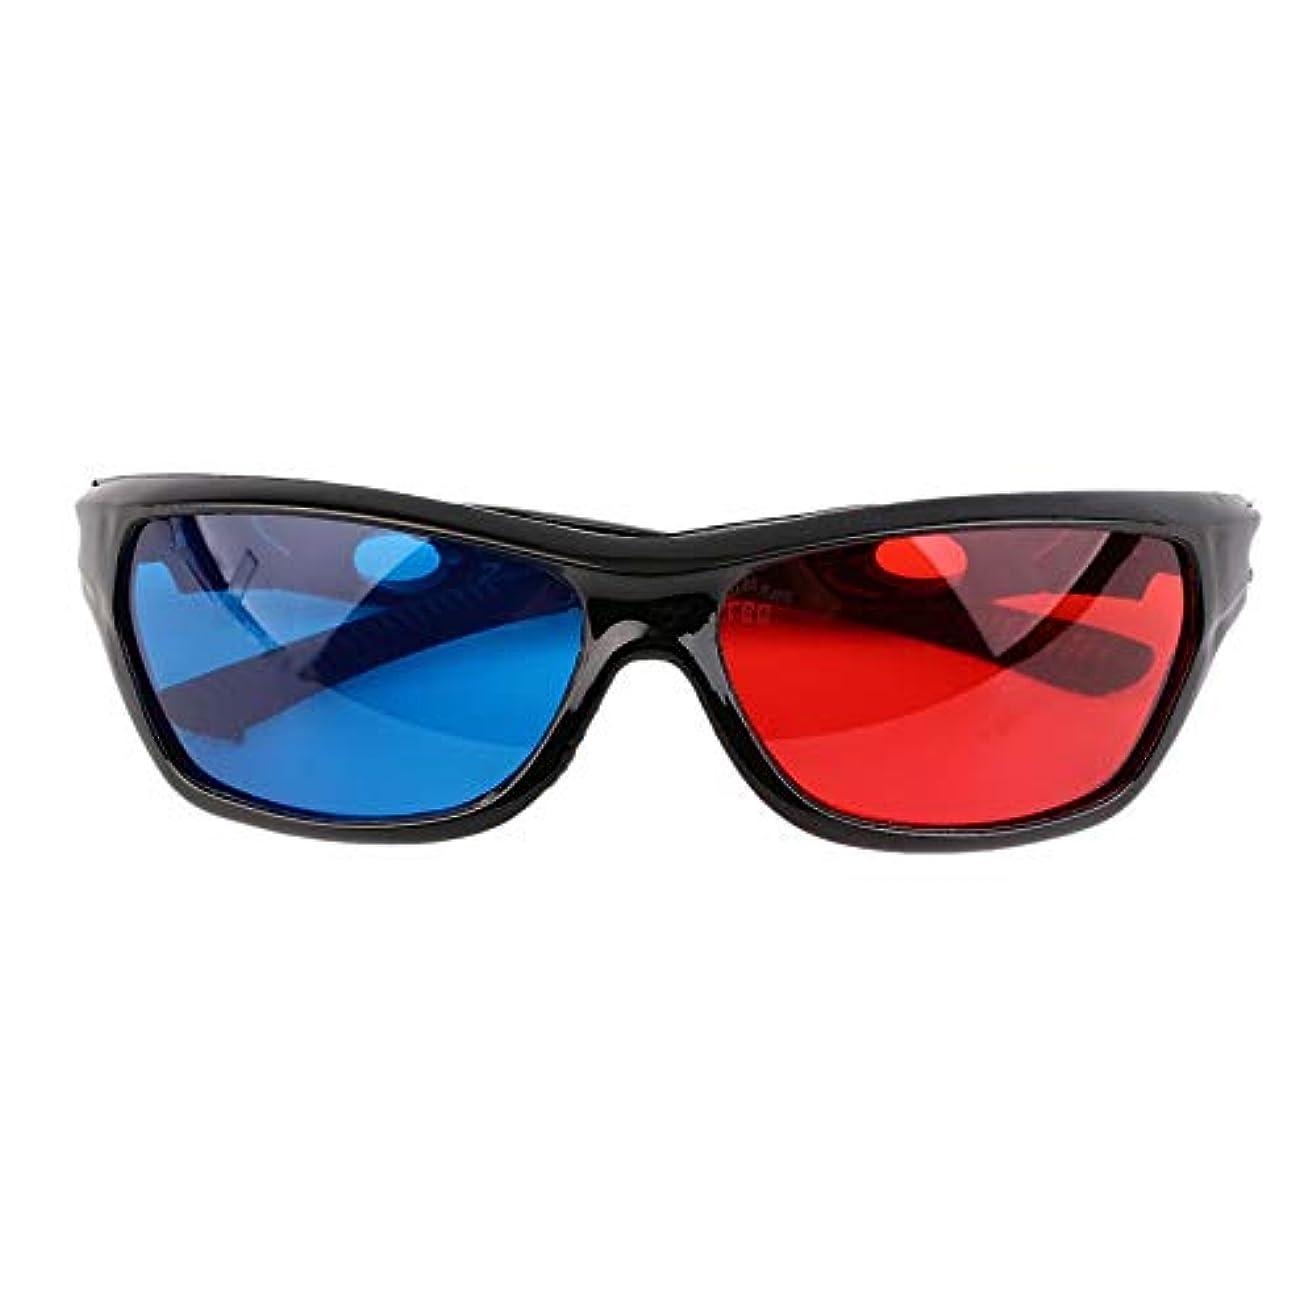 存在するカップルアグネスグレイ次元のアナグリフの映画ゲームDVDのための黒いフレームの赤く青い3Dガラス